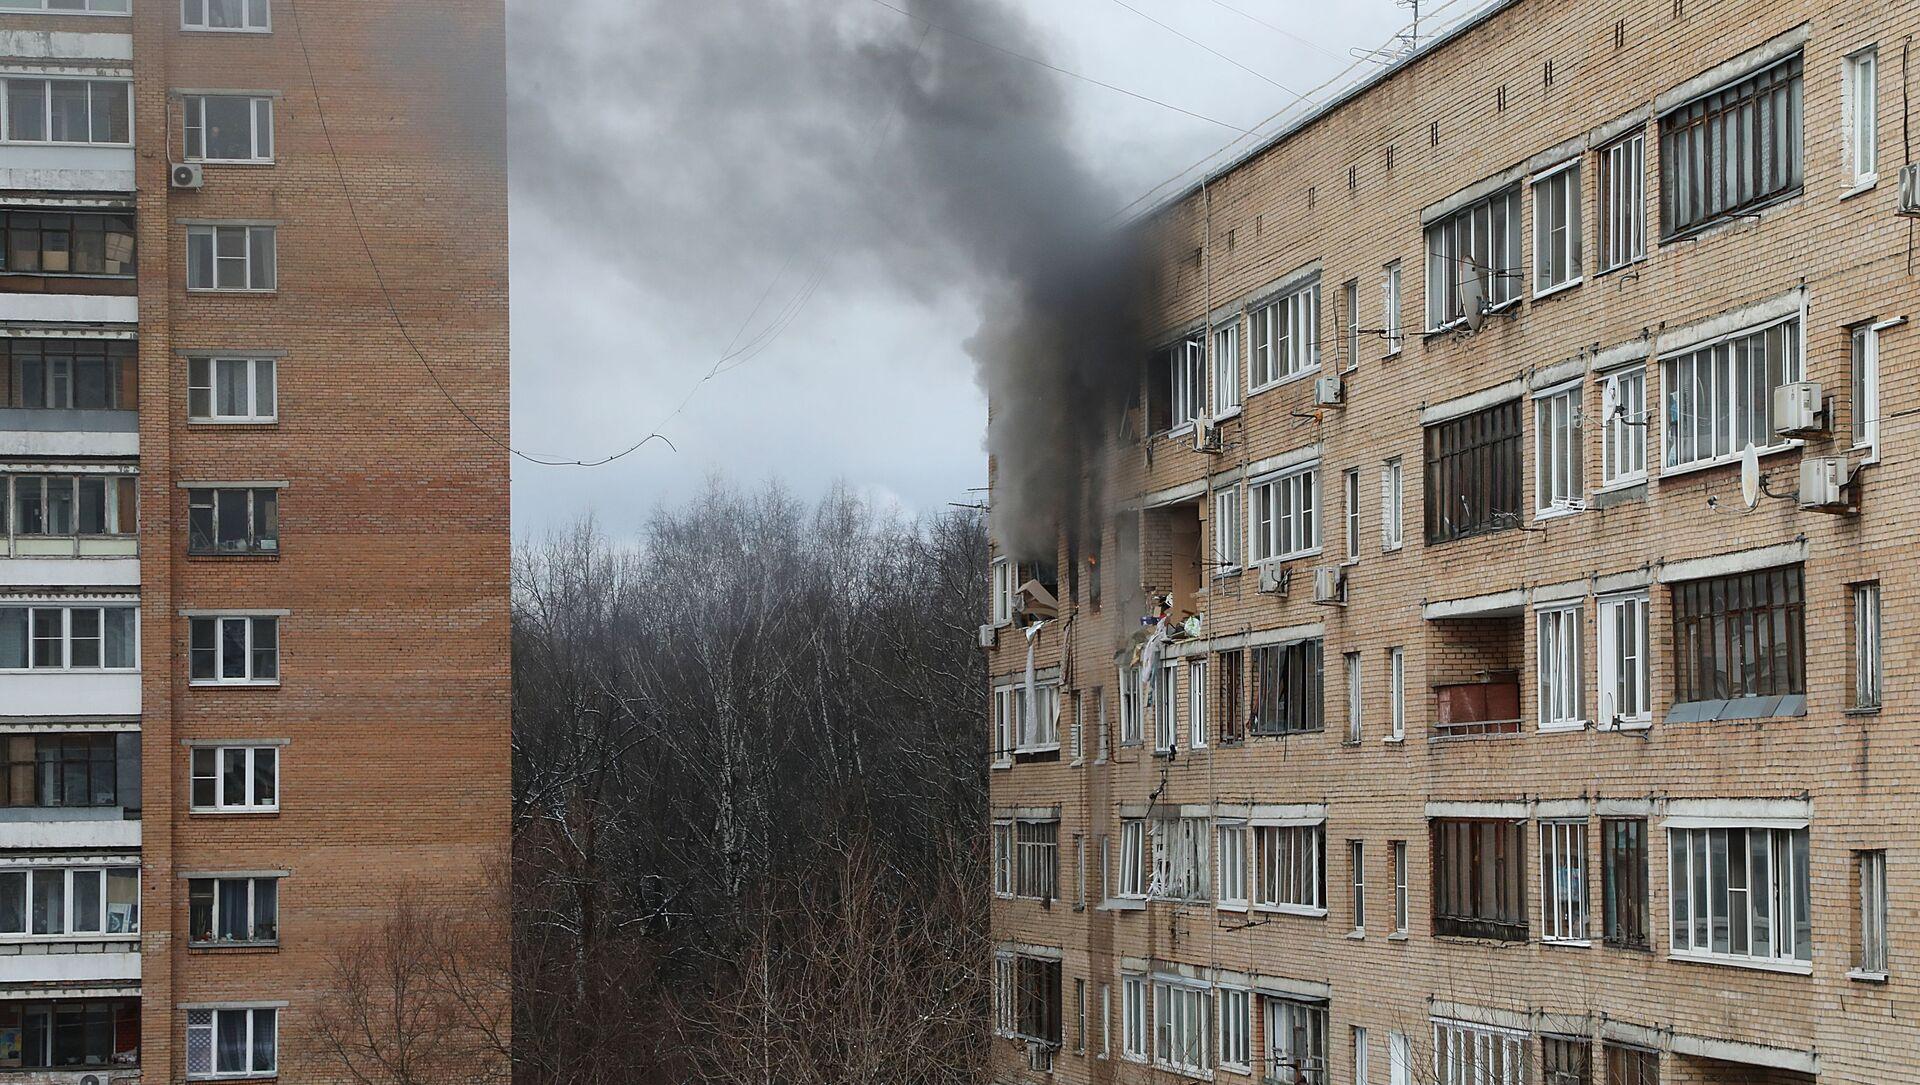 Městem Chimki poblíž Moskvy otřásl výbuch v bytovém domě - Sputnik Česká republika, 1920, 19.03.2021